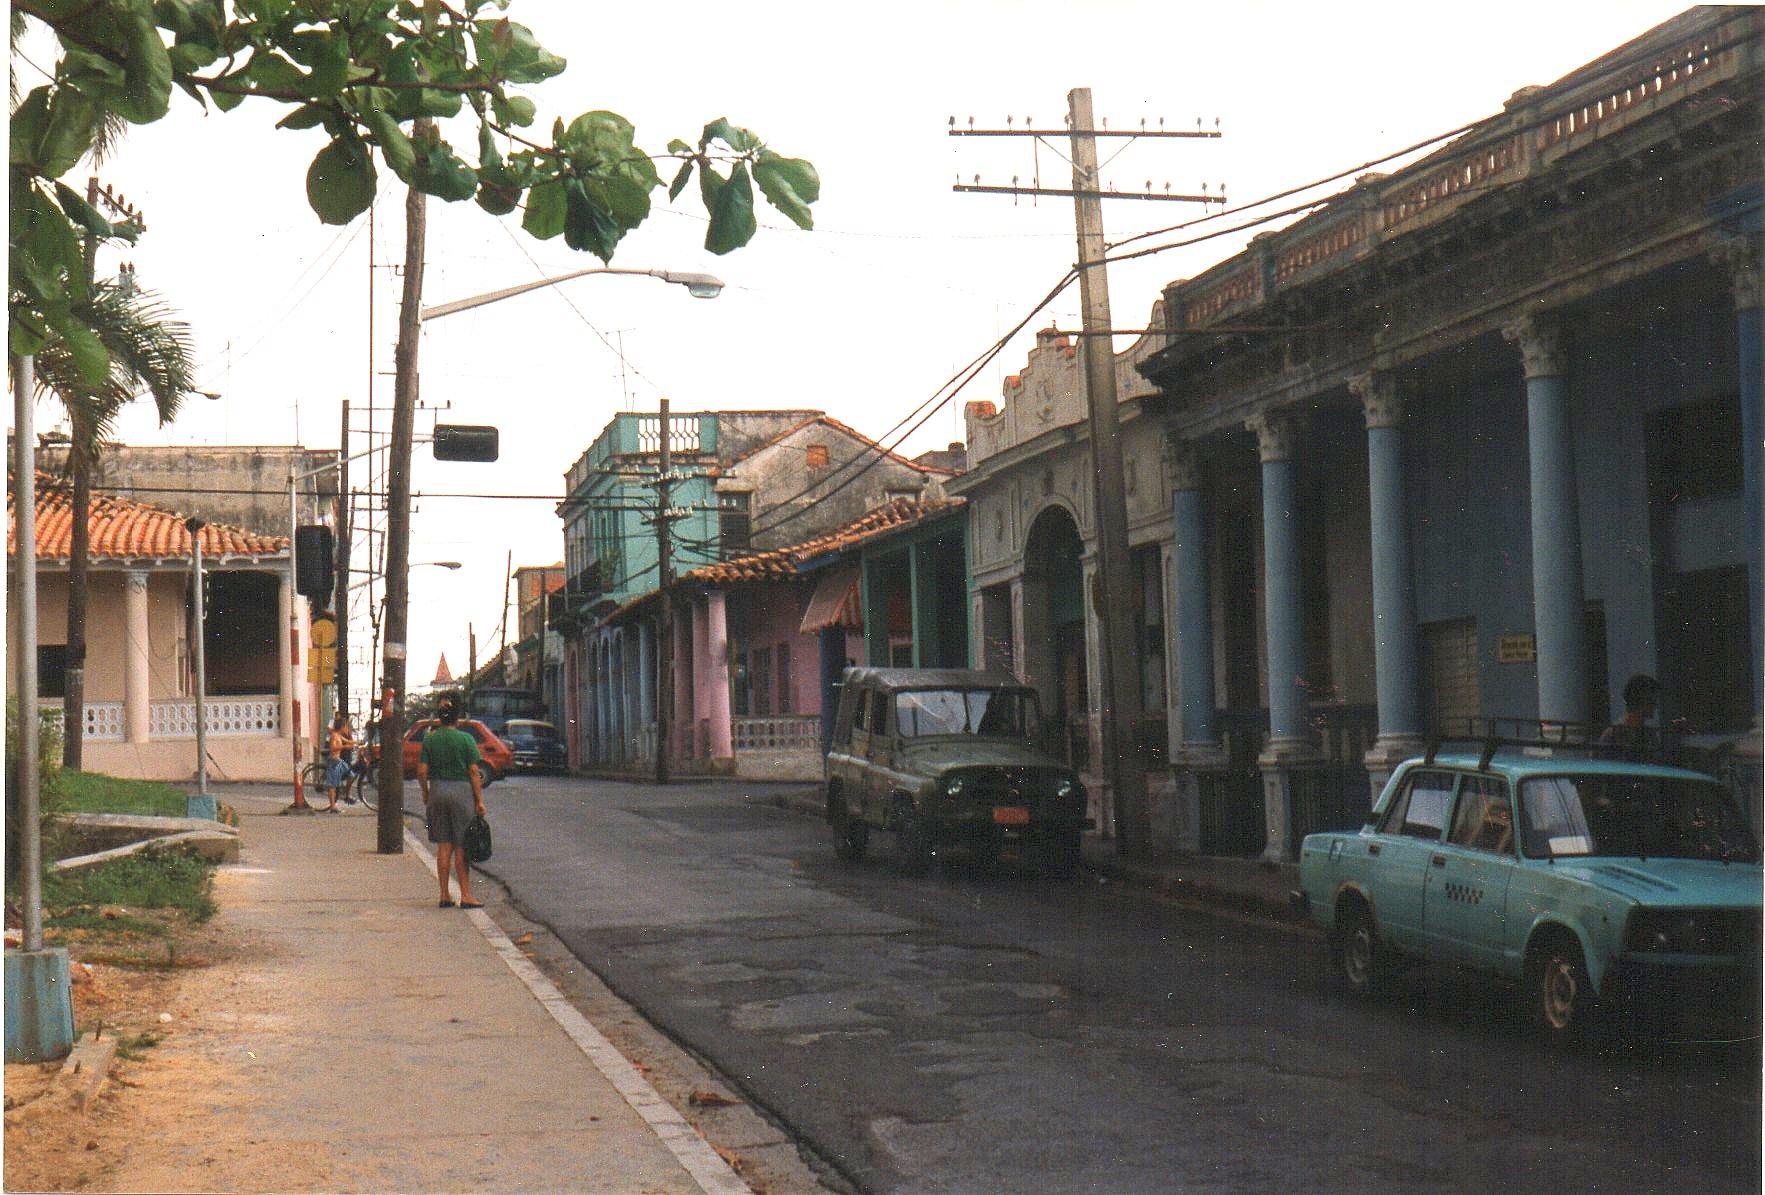 Mange huse i Pinar del Rio 136 000 indbyggere, Søjlernes by på det nordvestlige Cuba havde huse med søjler foran, græske søjler i dorisk, jonisk eller korintisk stil.